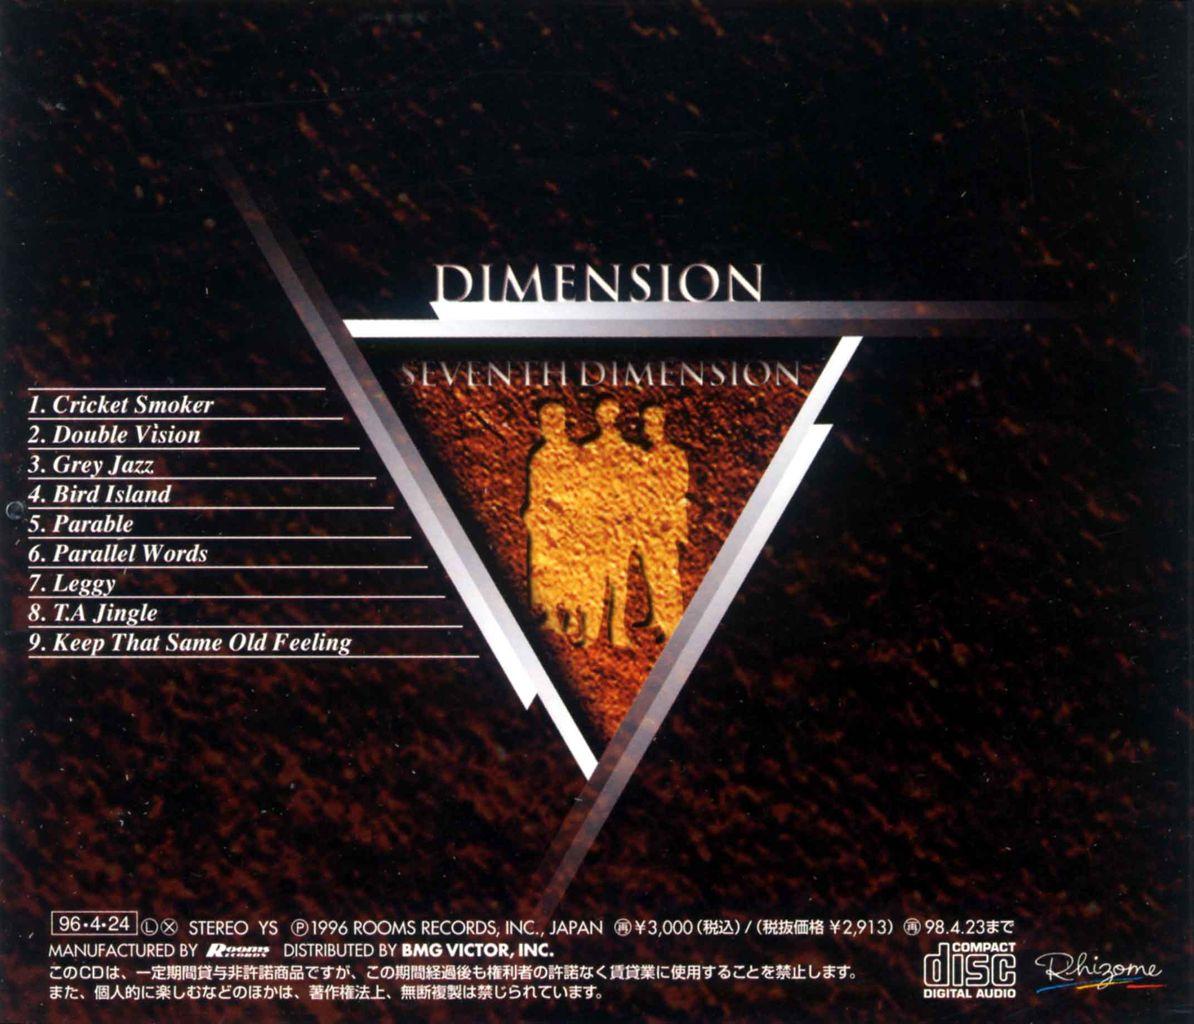 SEVENTH DIMENSION-2